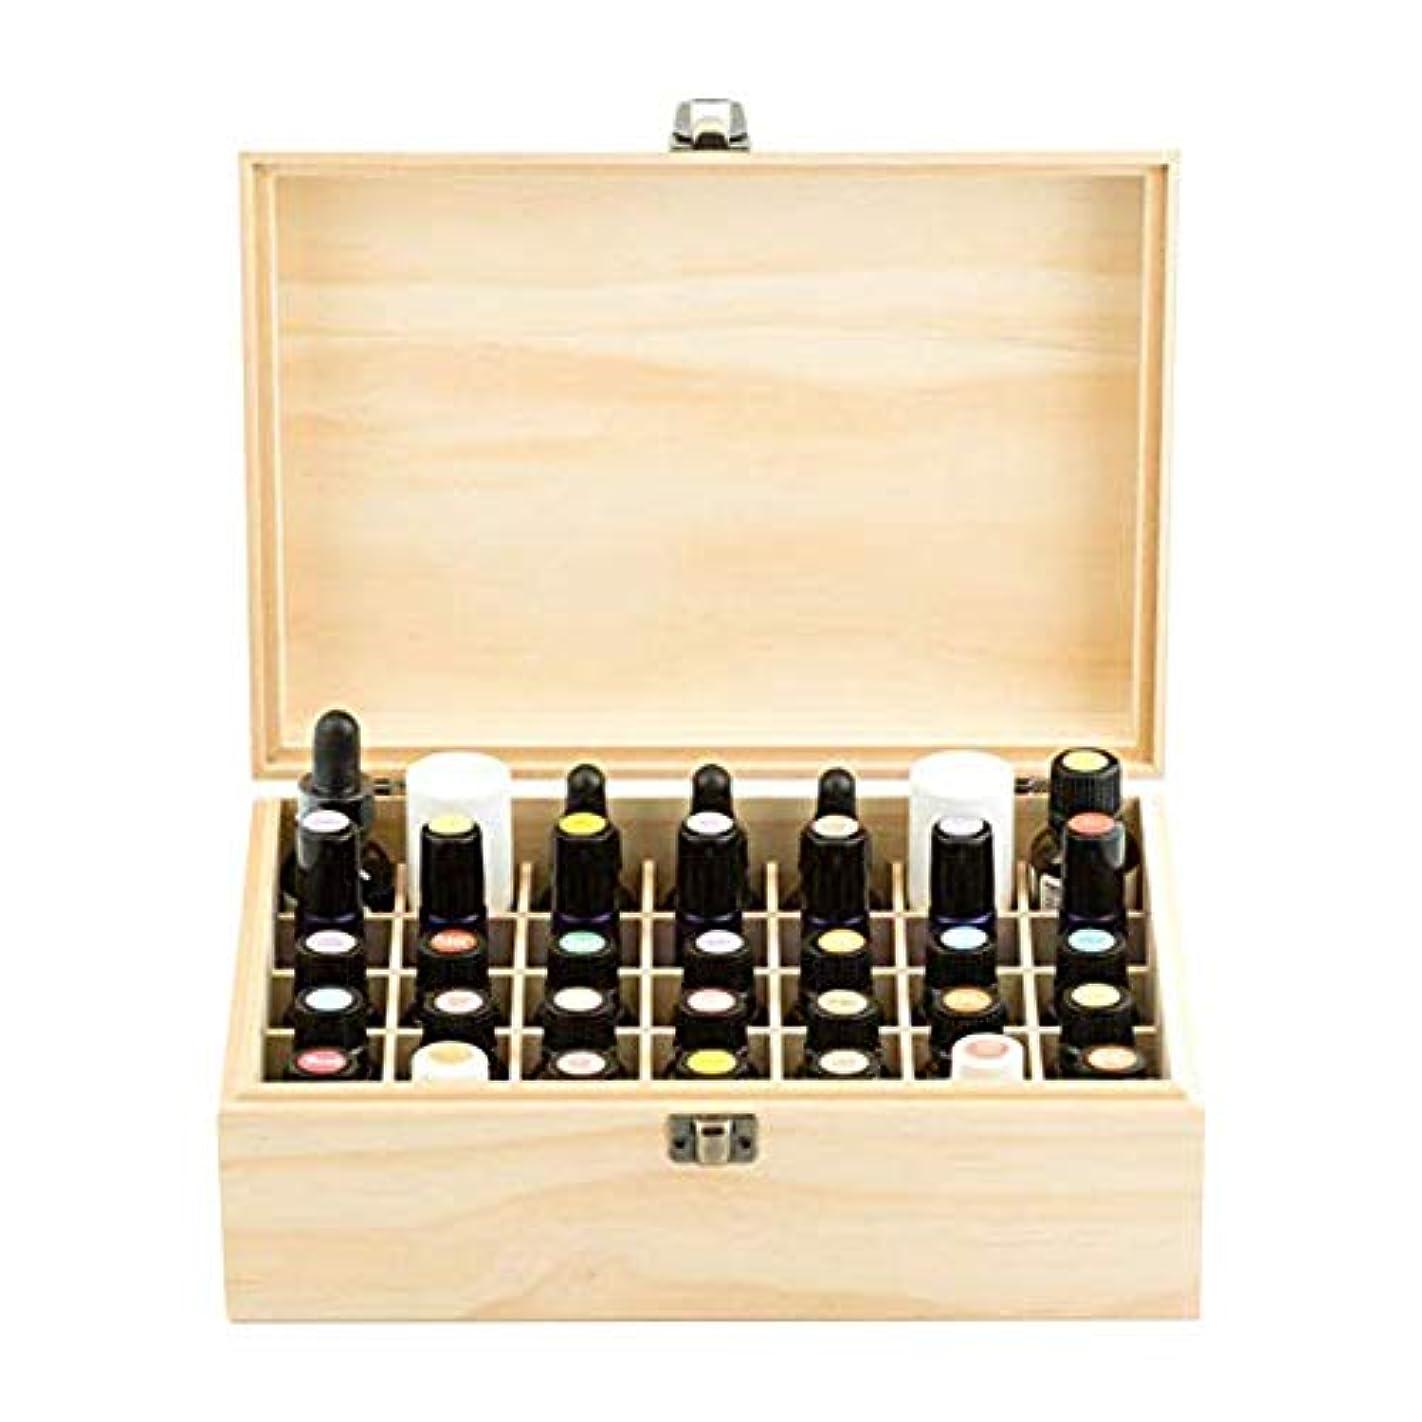 聞くタイプライター住所精油収納ケース エッセンシャルオイル収納ボックス 木製 コンパートメント木箱 35本入り 5ml?10ml?15mlのボルトに適用 junexi